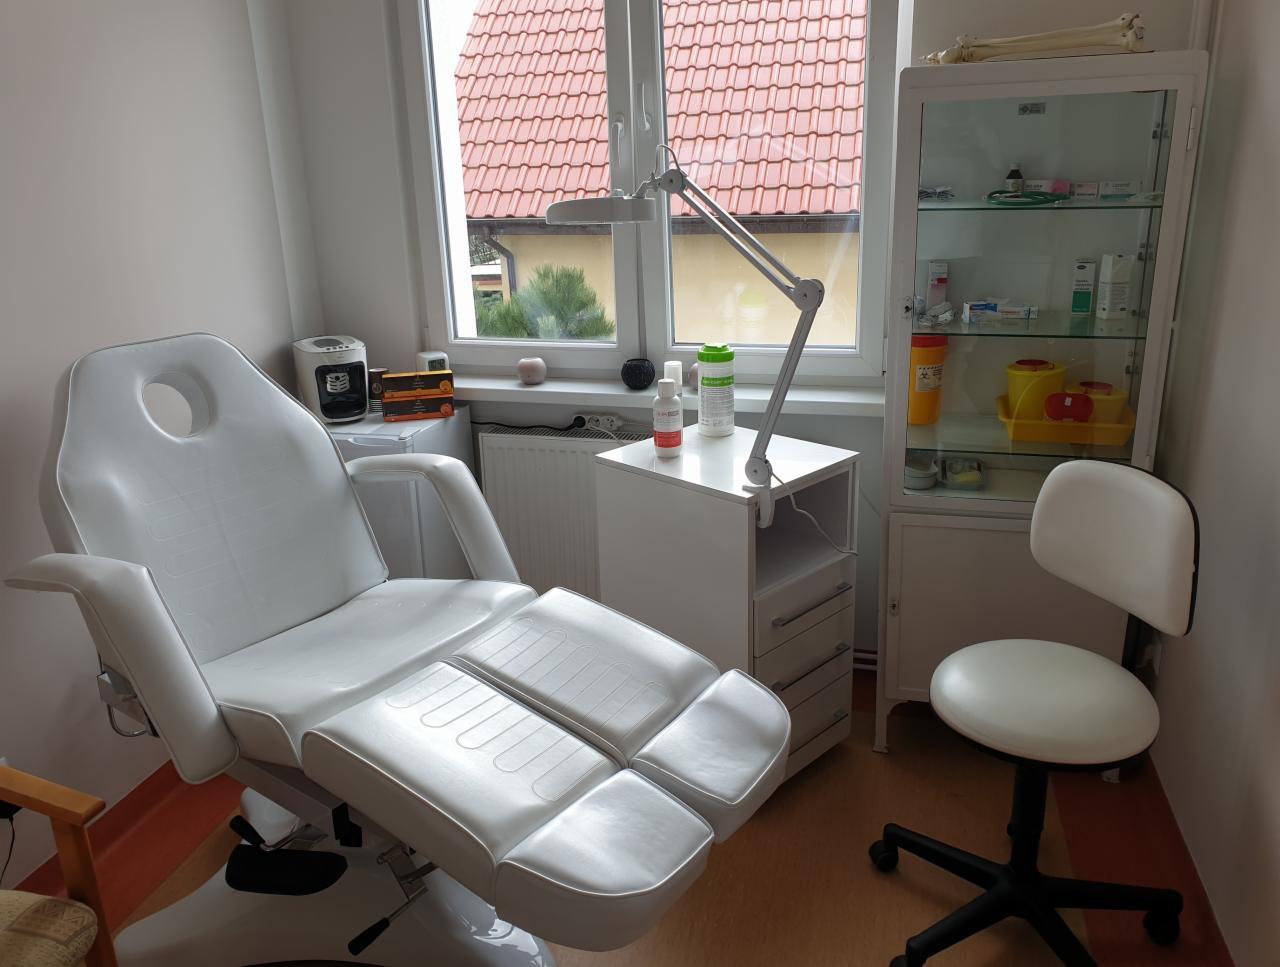 Pozostałe Salony Kosmetyczne I Fryzjerskie W Pyrzycach 2019